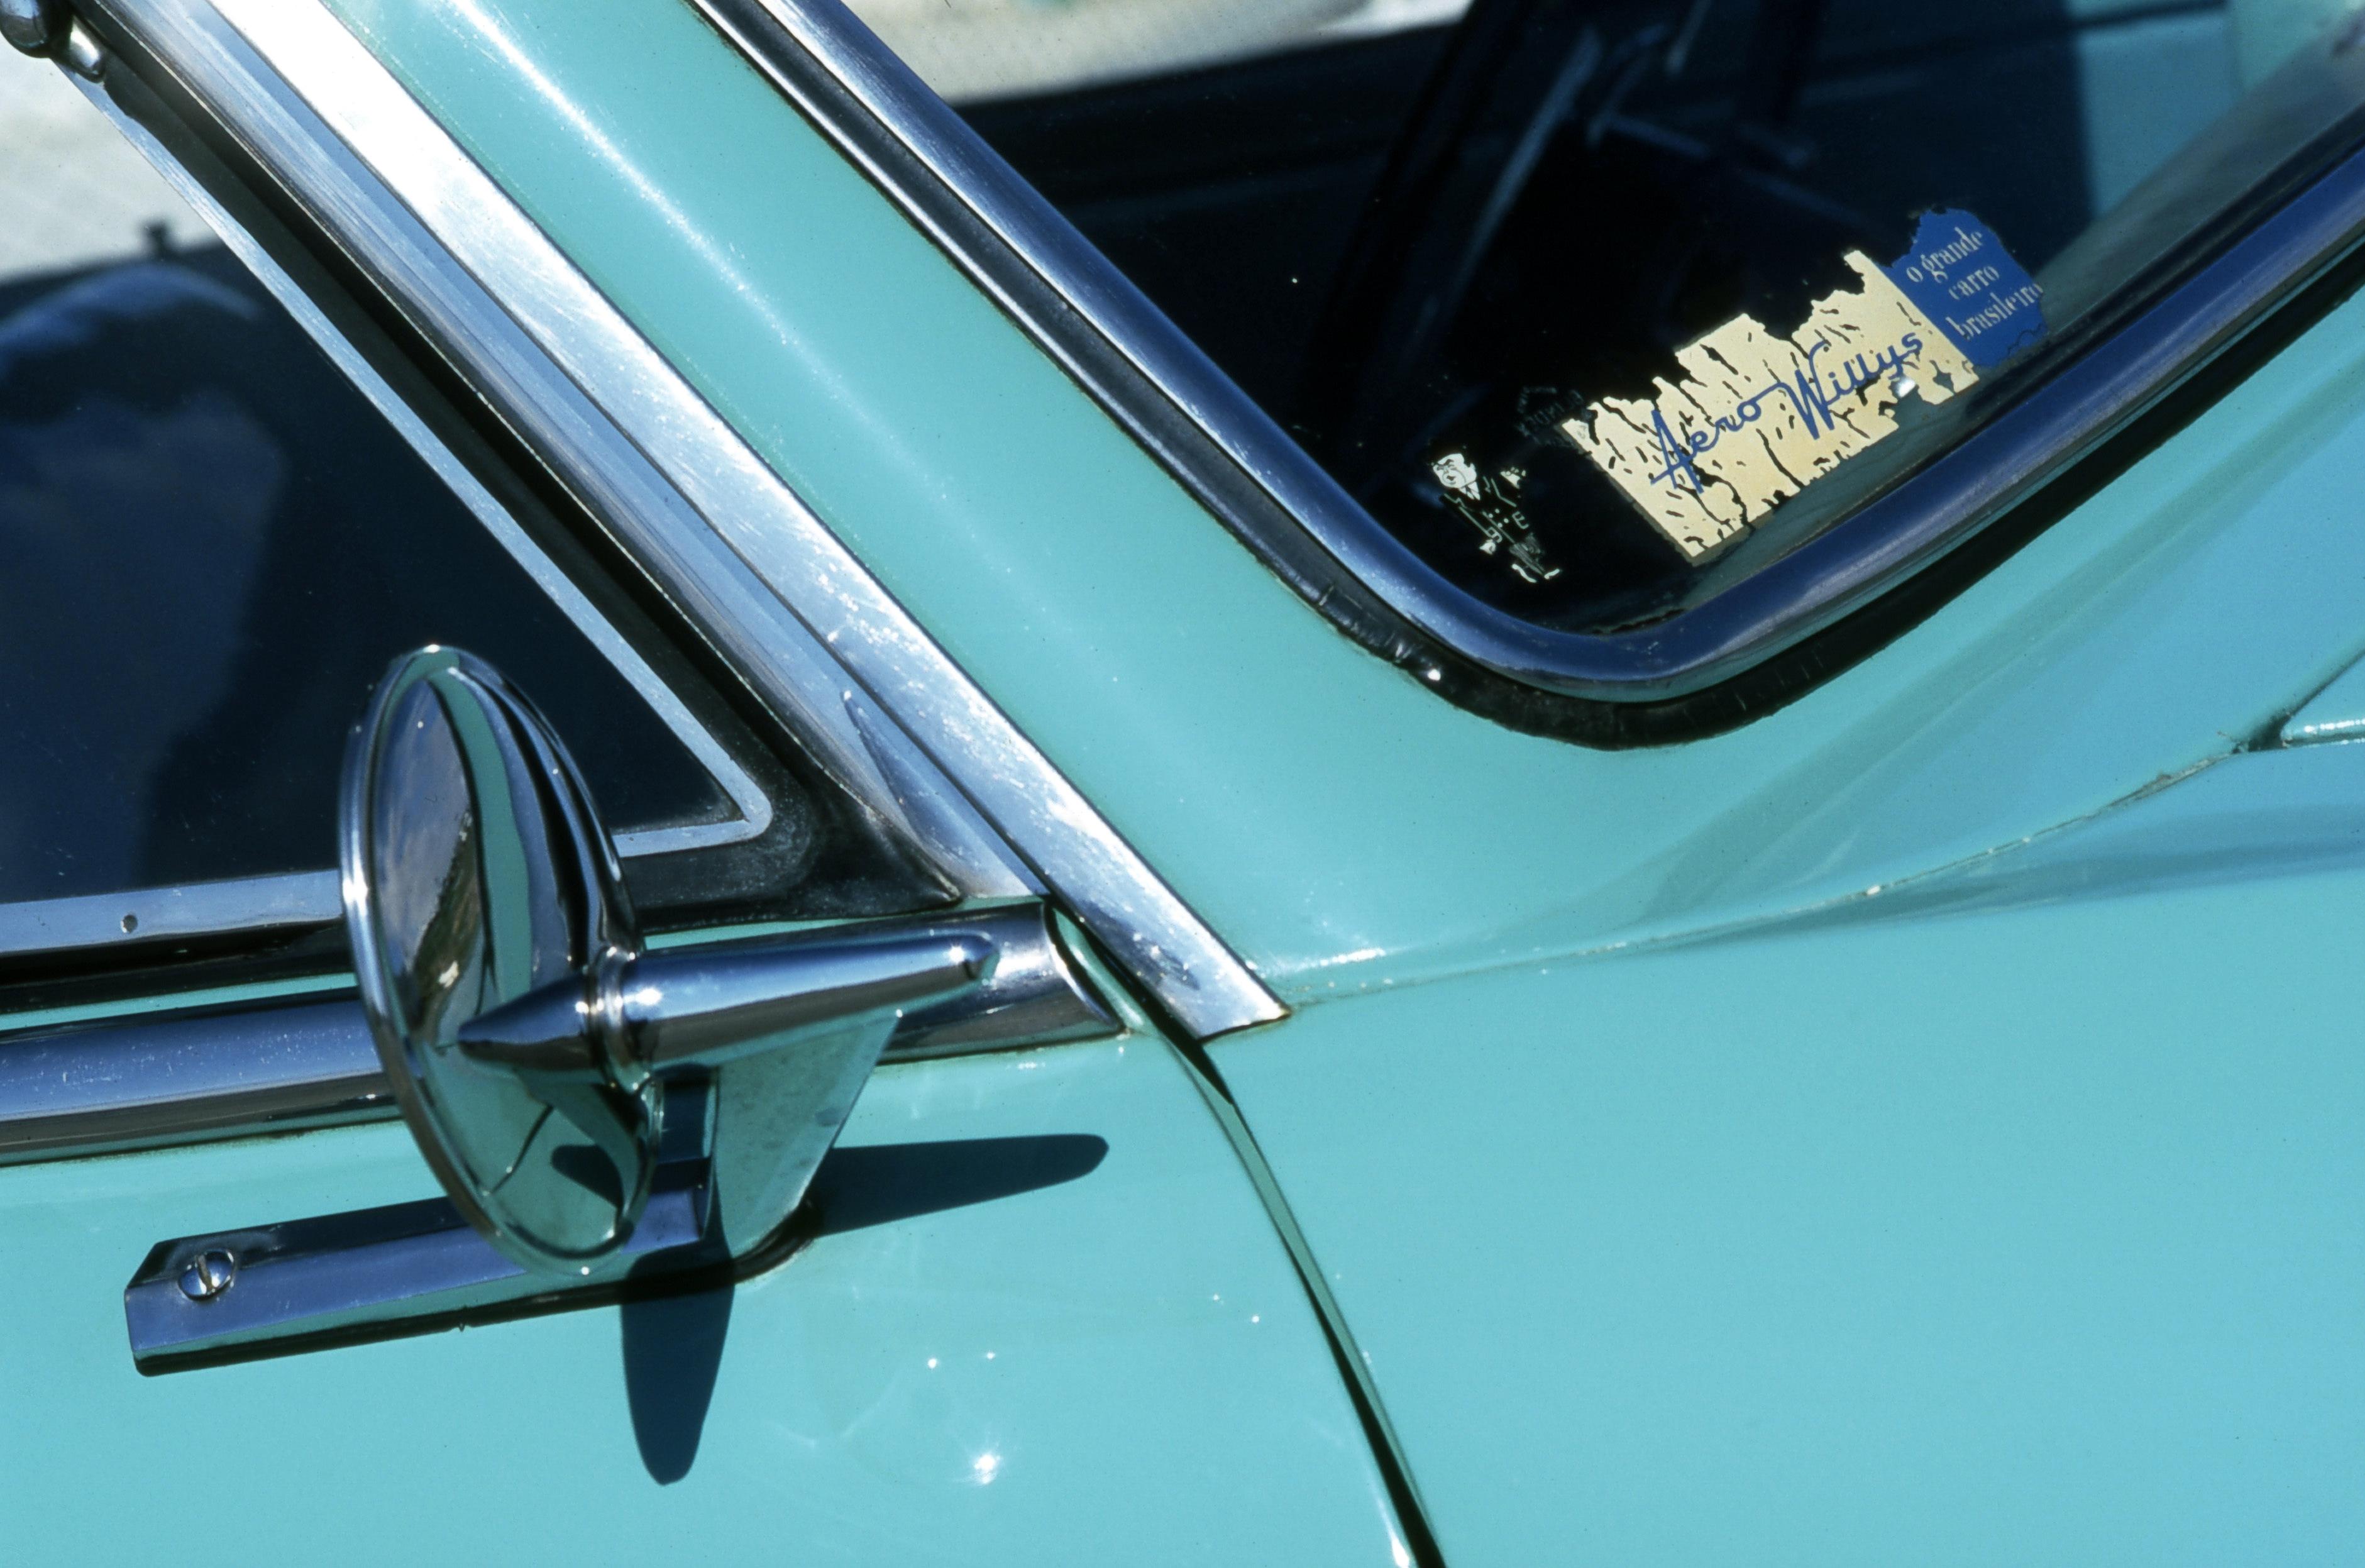 Espelho retrovisor do Aero Willys 2600, da década de 60, da Willys.